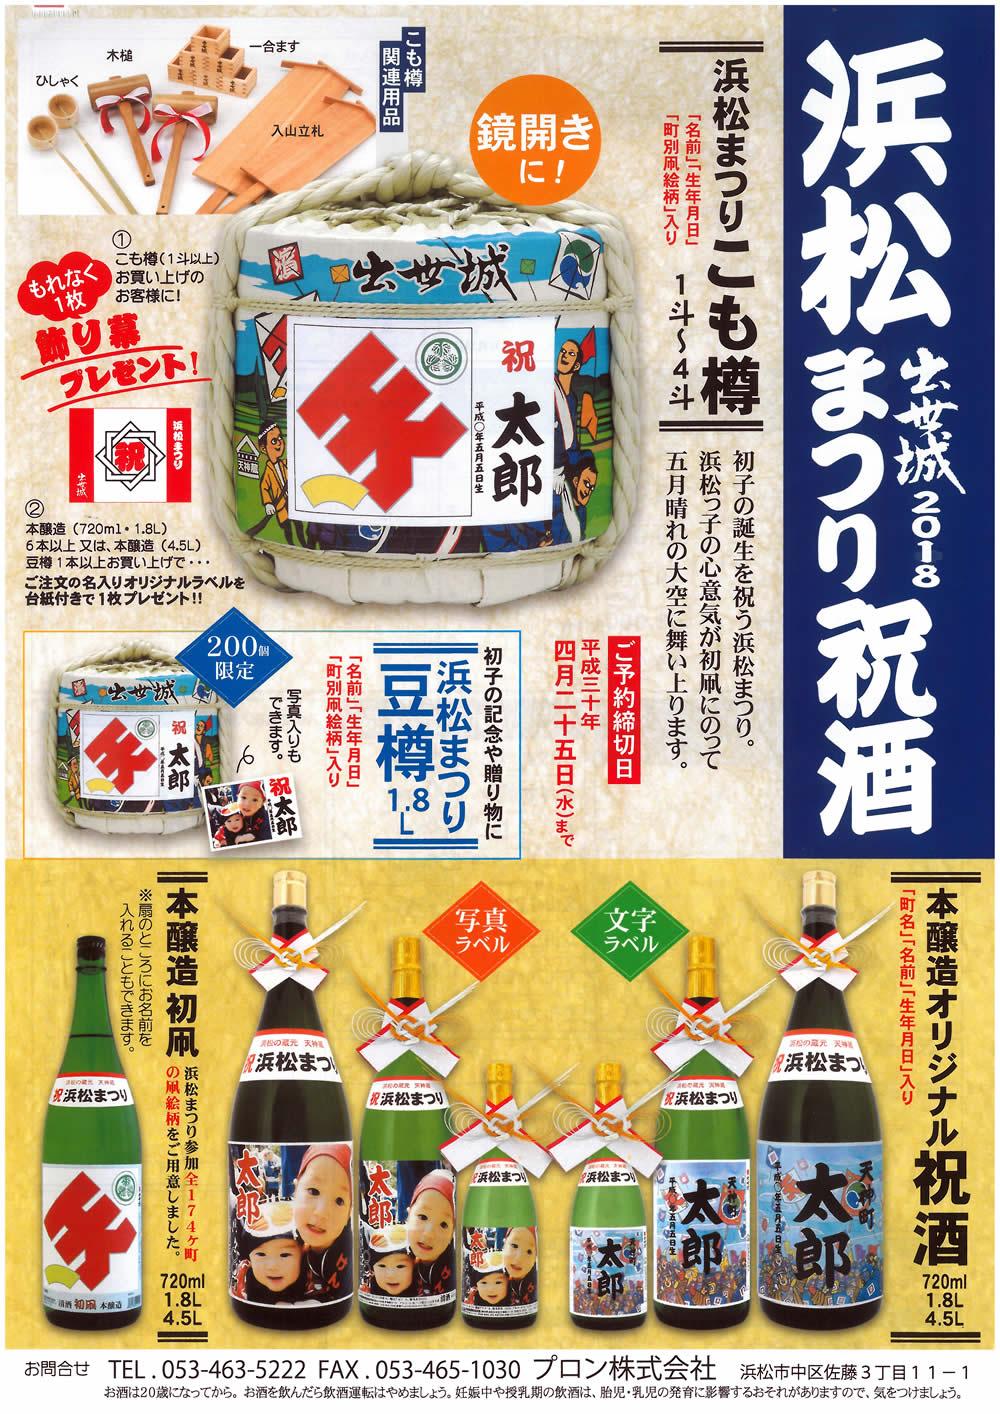 浜松祭り 樽酒 注文